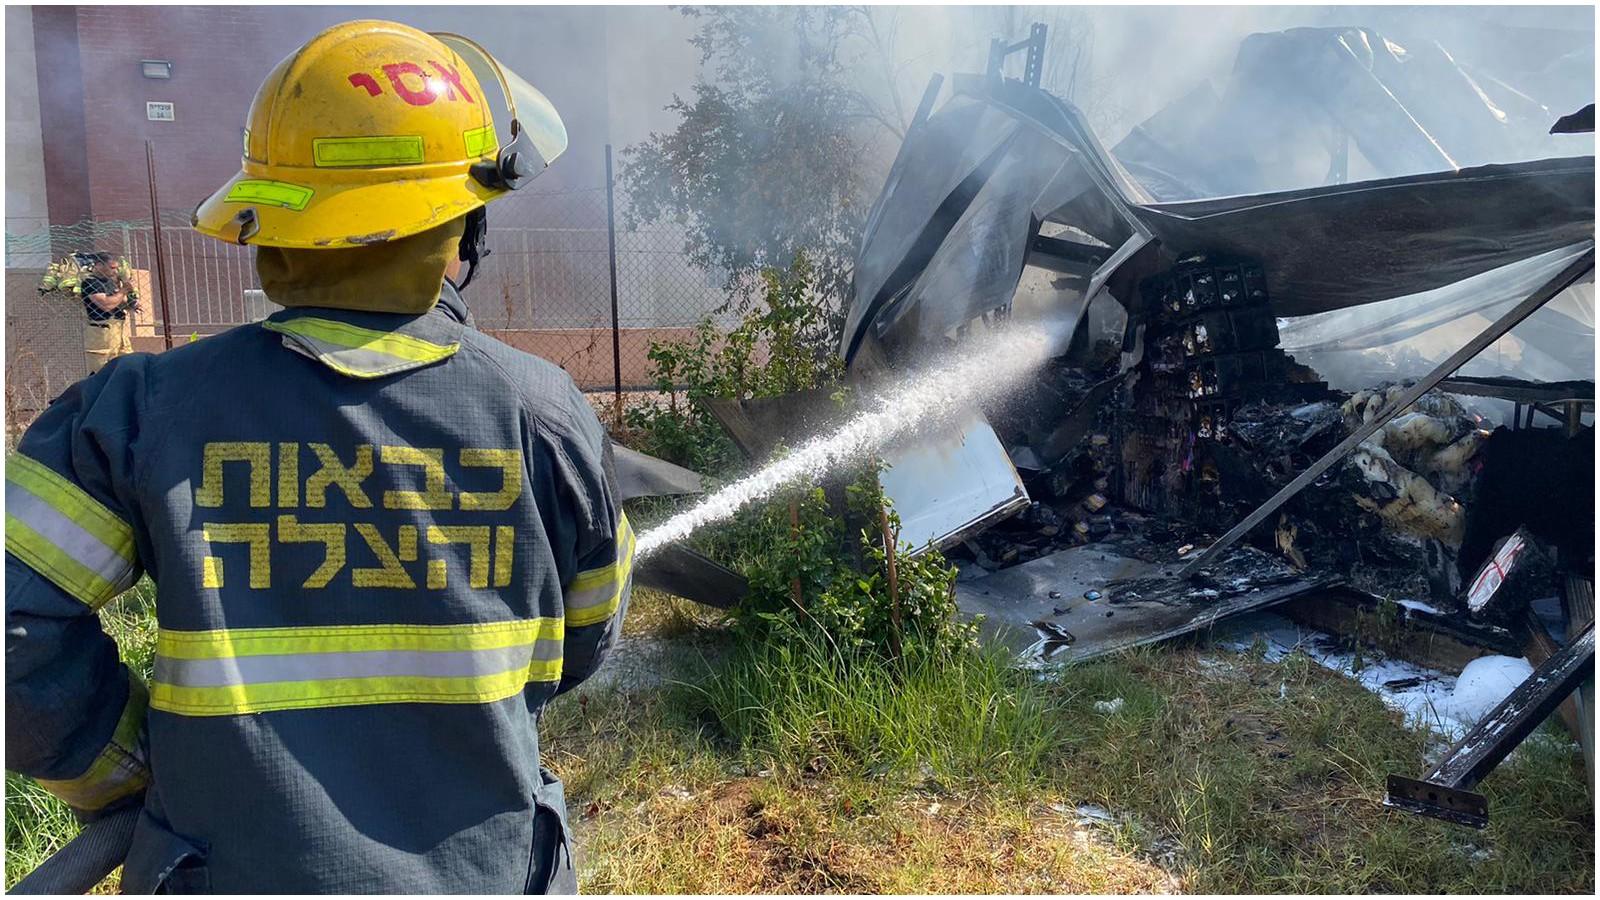 שריפה ברחוב עובדיה צילום כיבוי אש פתח תקוה